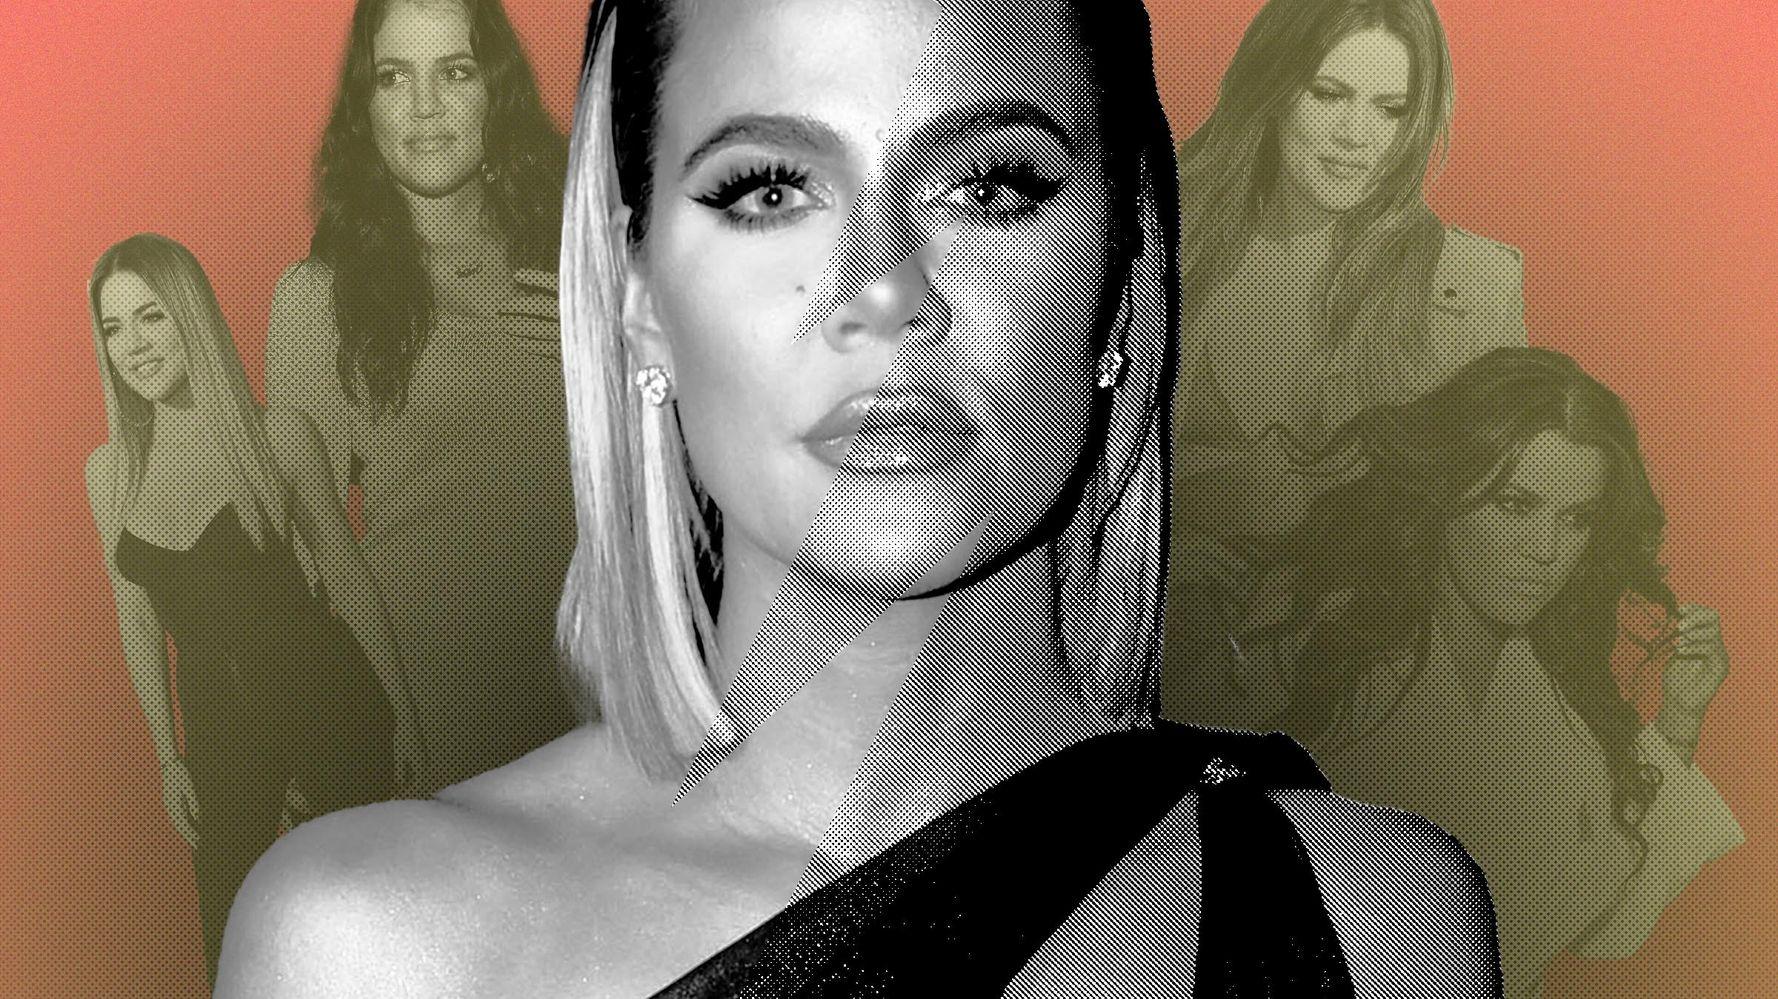 606f59a11e000006100febd3 Why So Many Women Needed To See That Unedited Khloe Kardashian Bikini Pic 8211 HuffPost